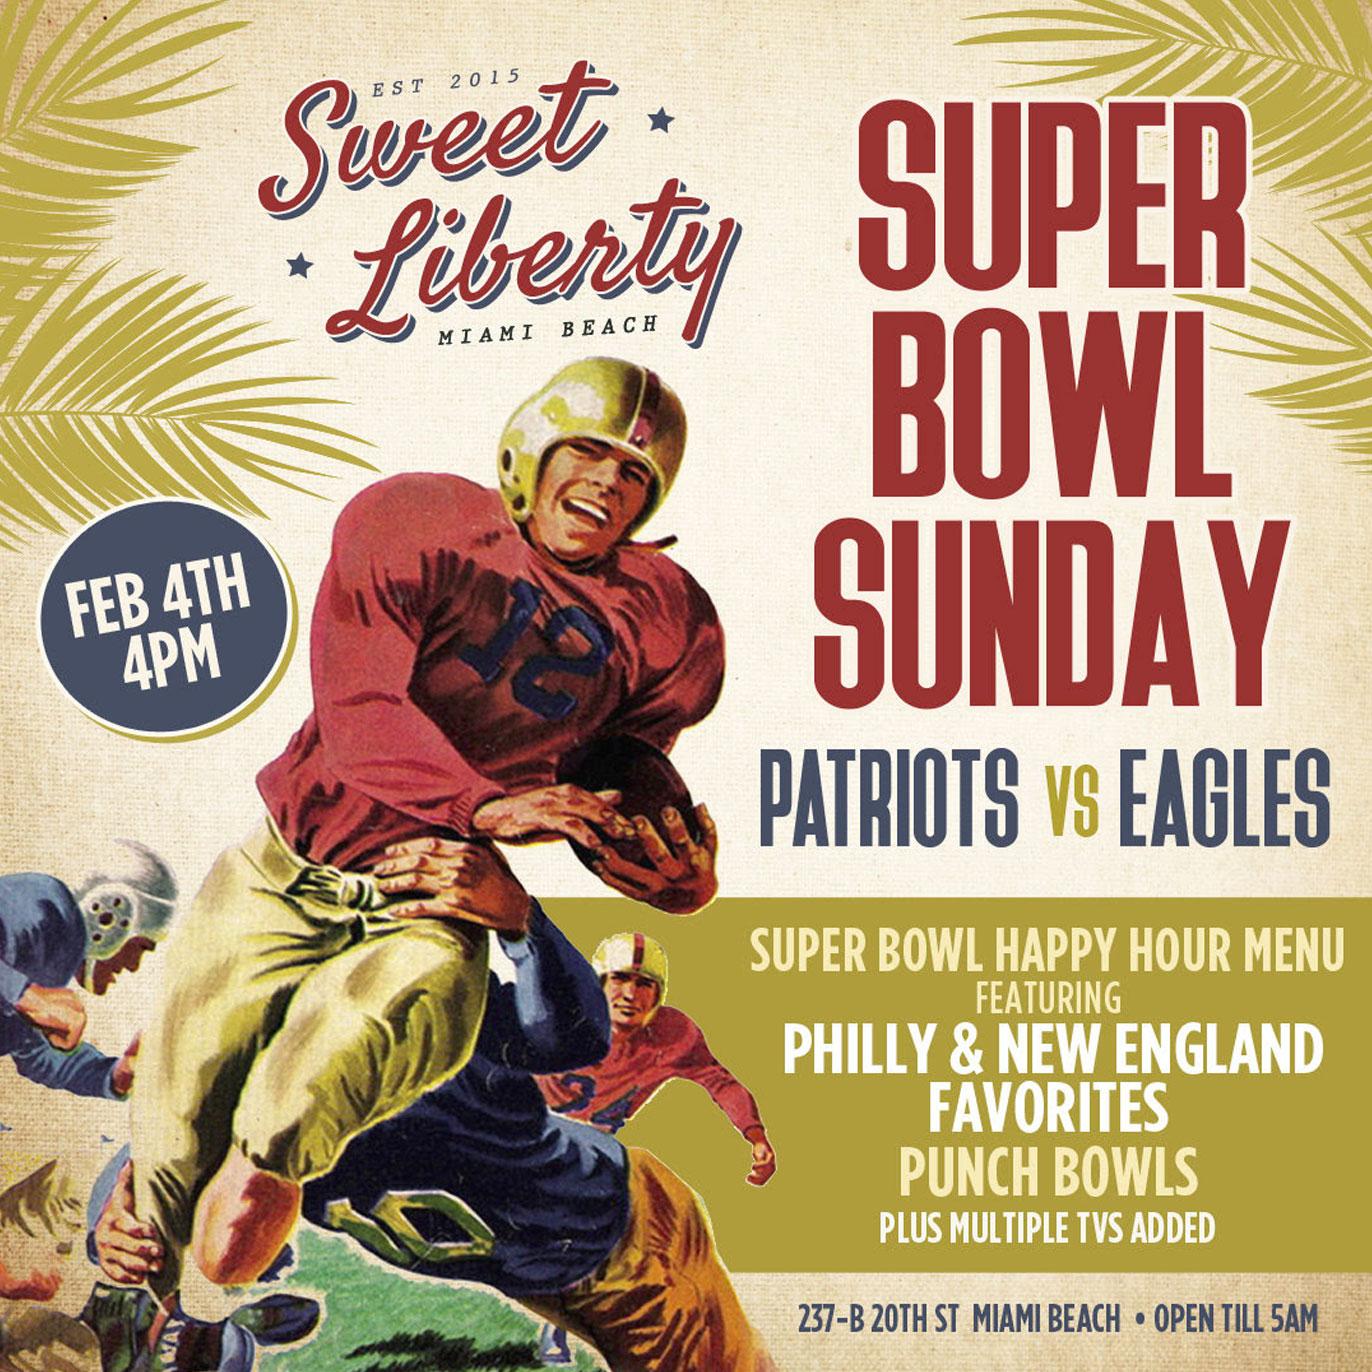 superbowl_sweetlberty